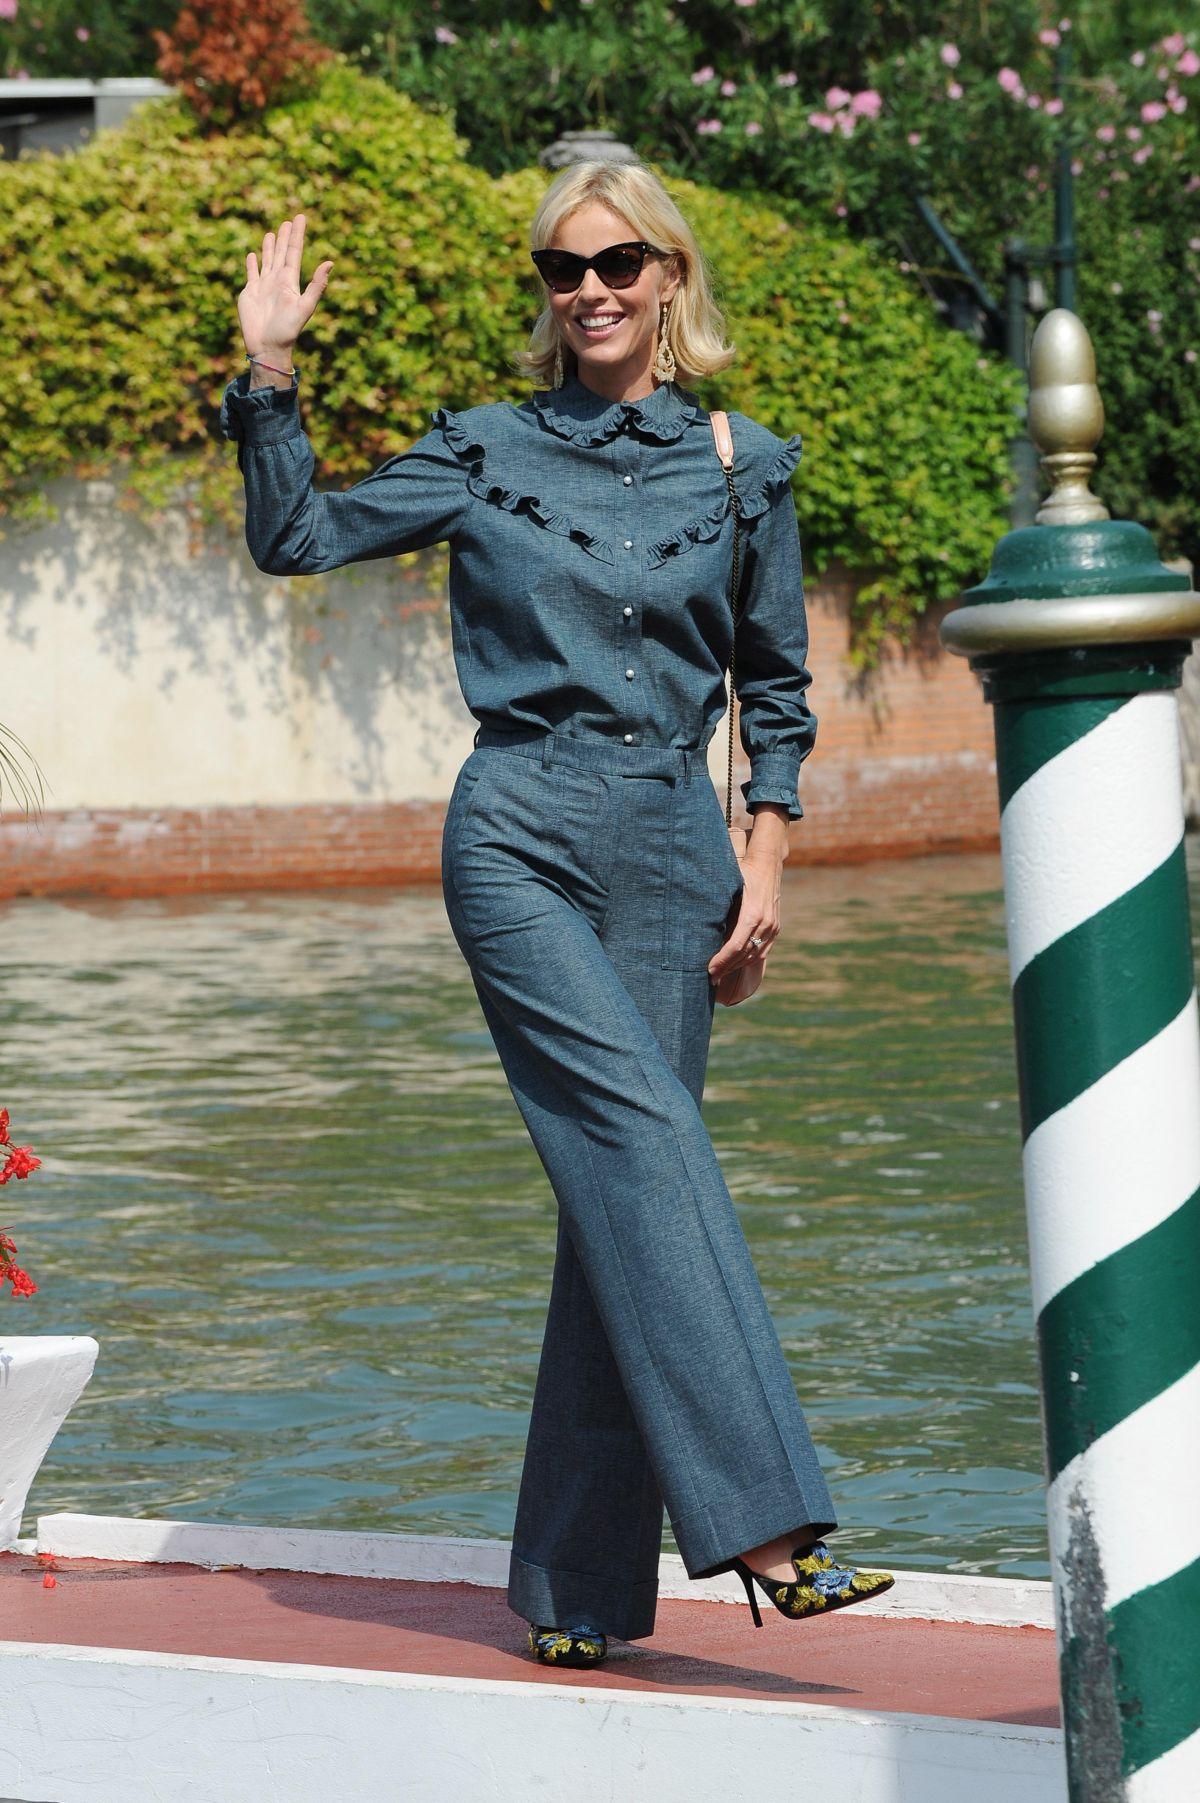 EVA HERZIGOVA Arrives at Lido in Venice 09/03/2016